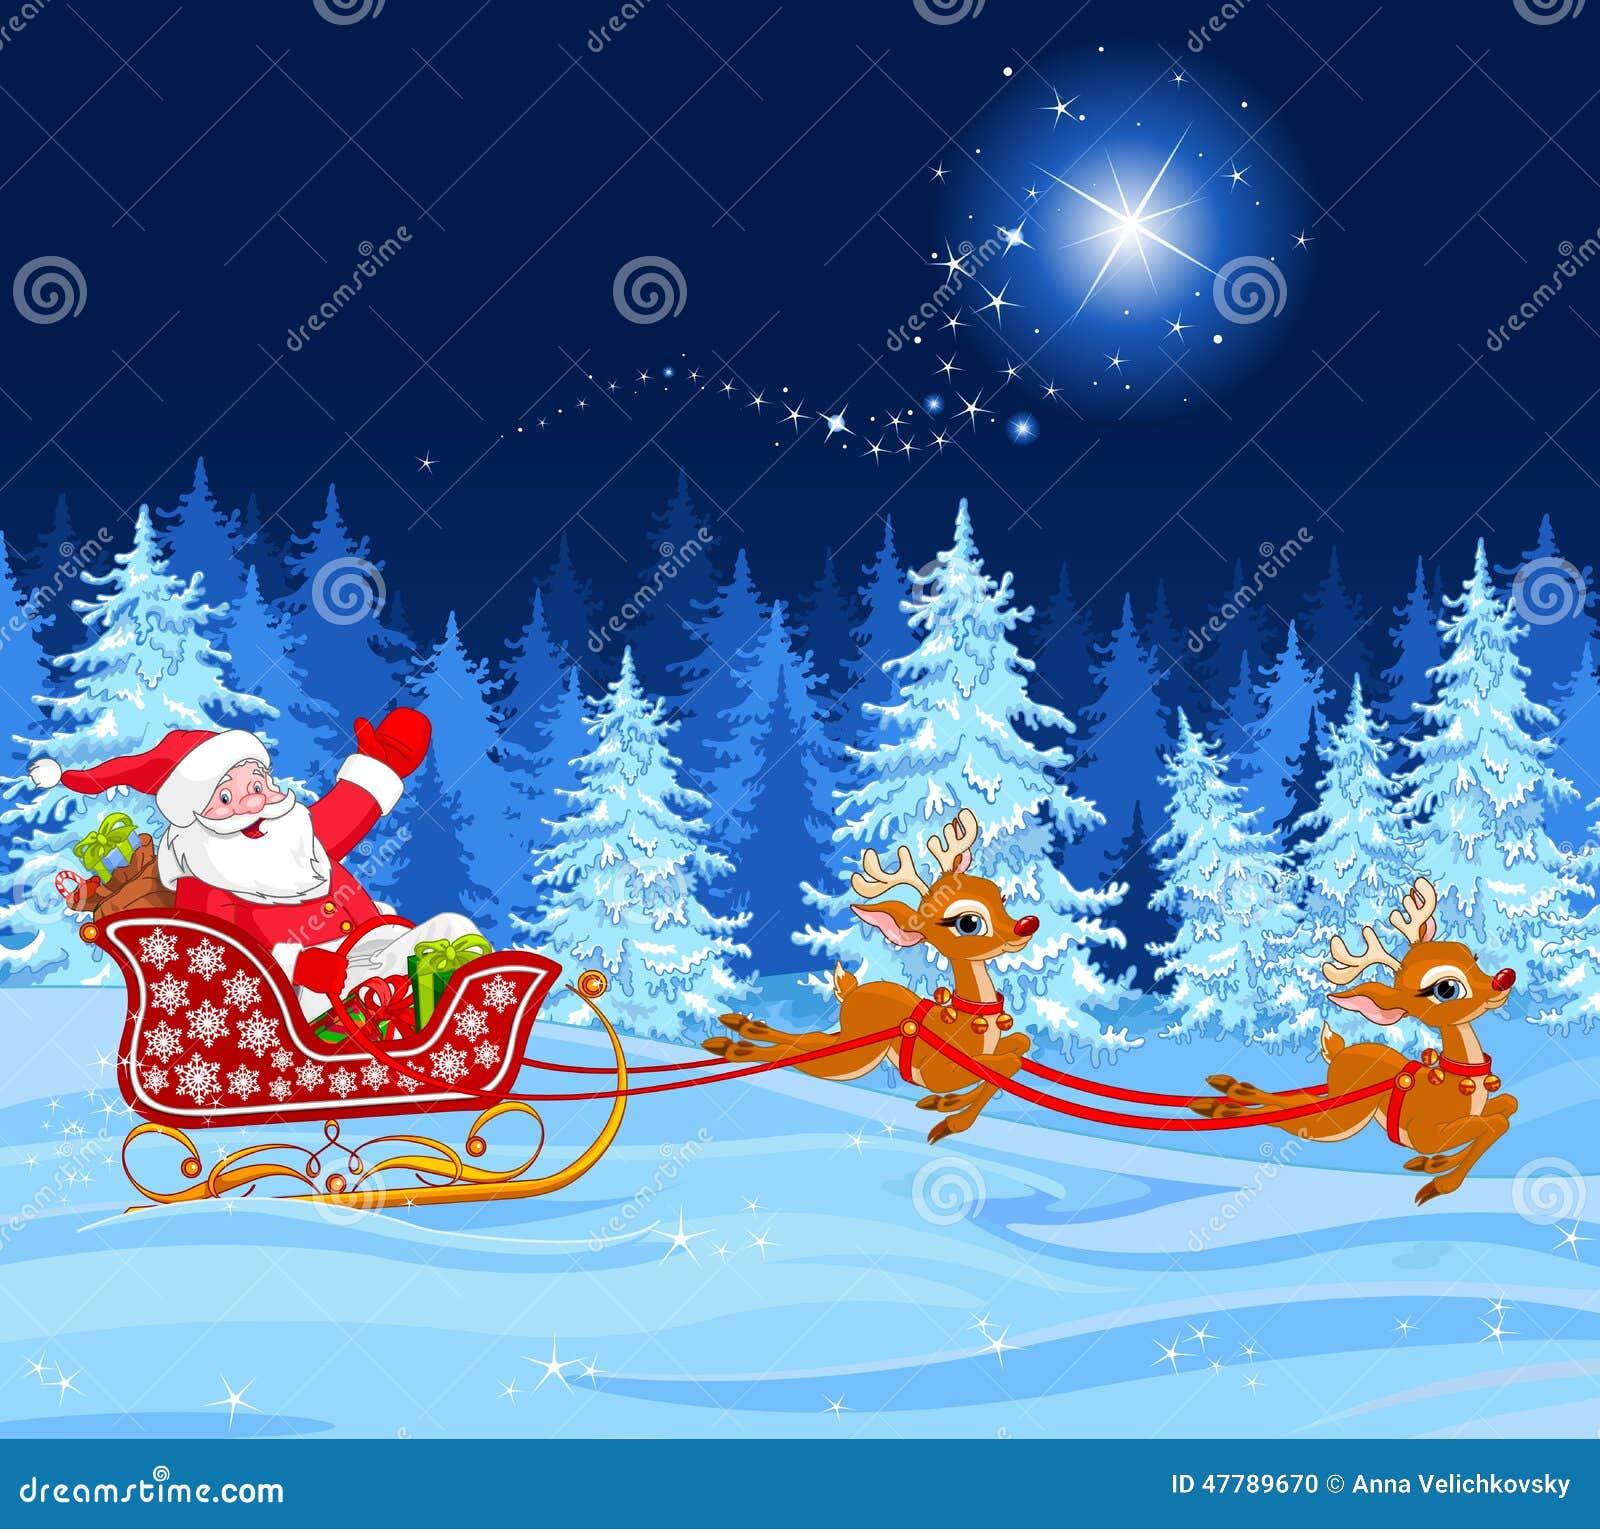 Weihnachtsmann im Schlitten